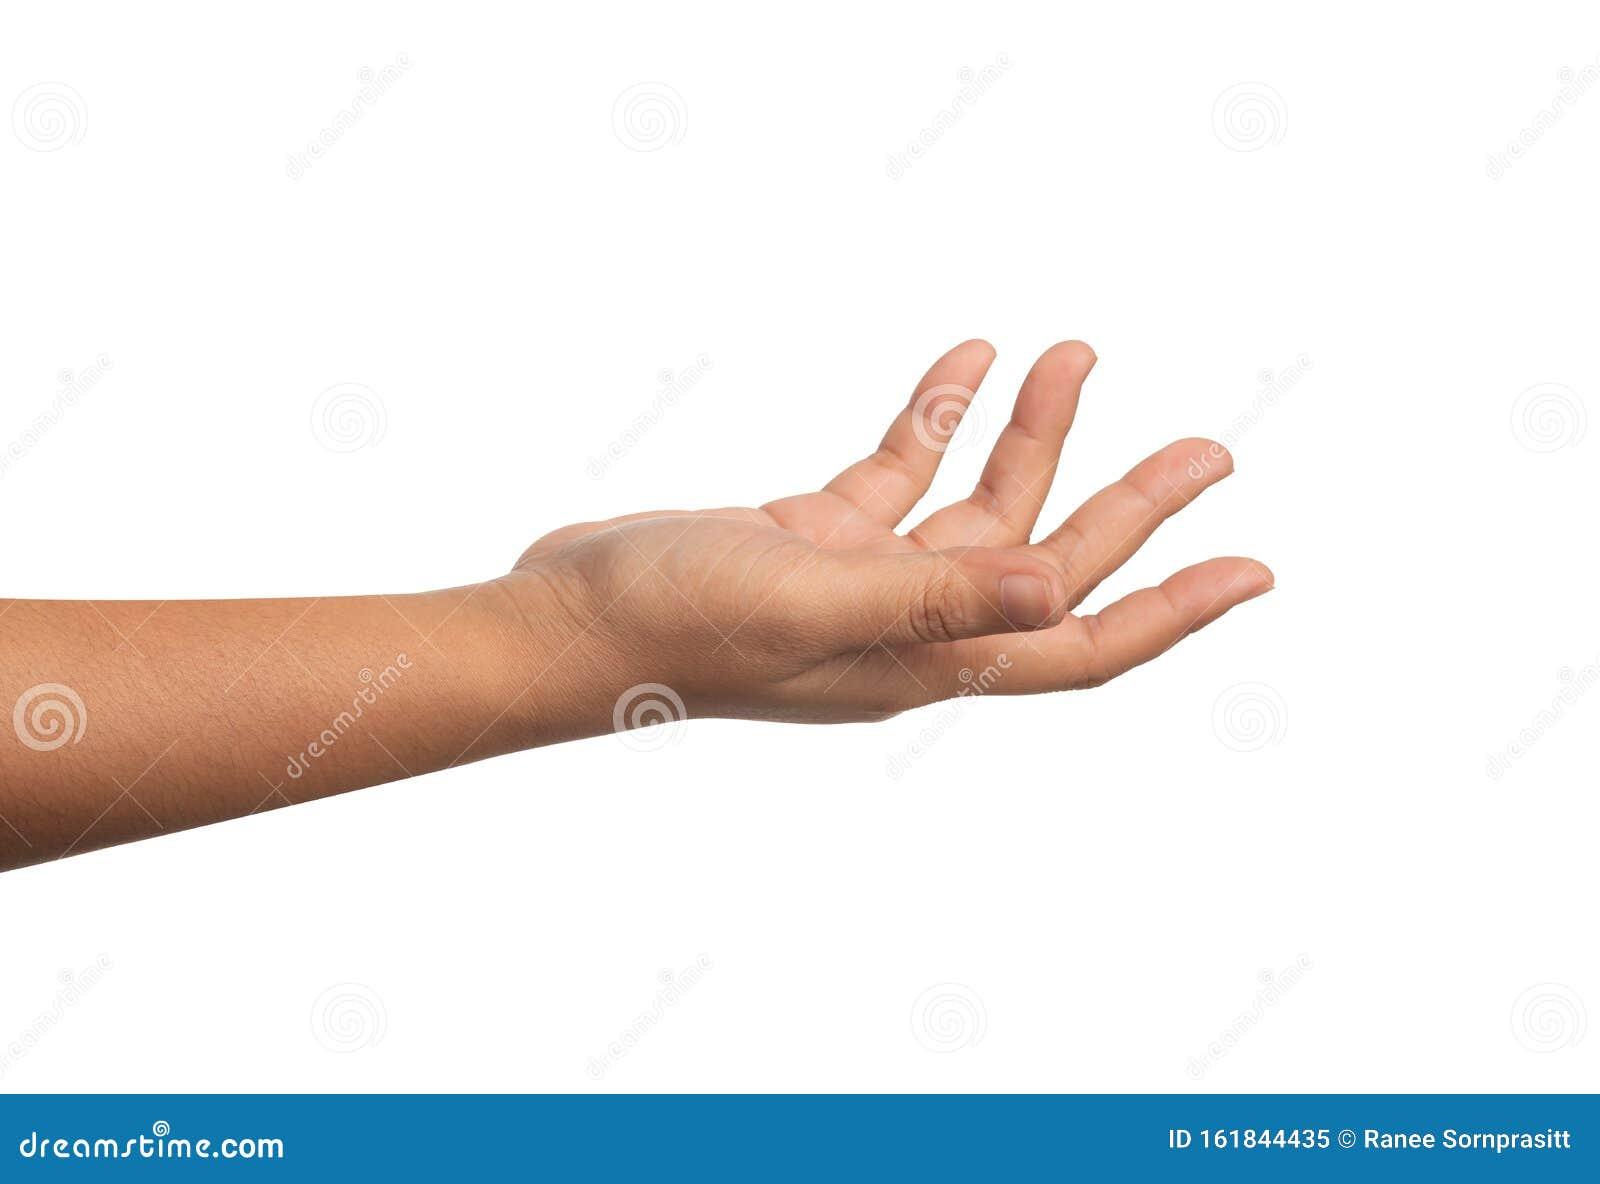 kvinna söker man handen gudmundrå singel kvinna